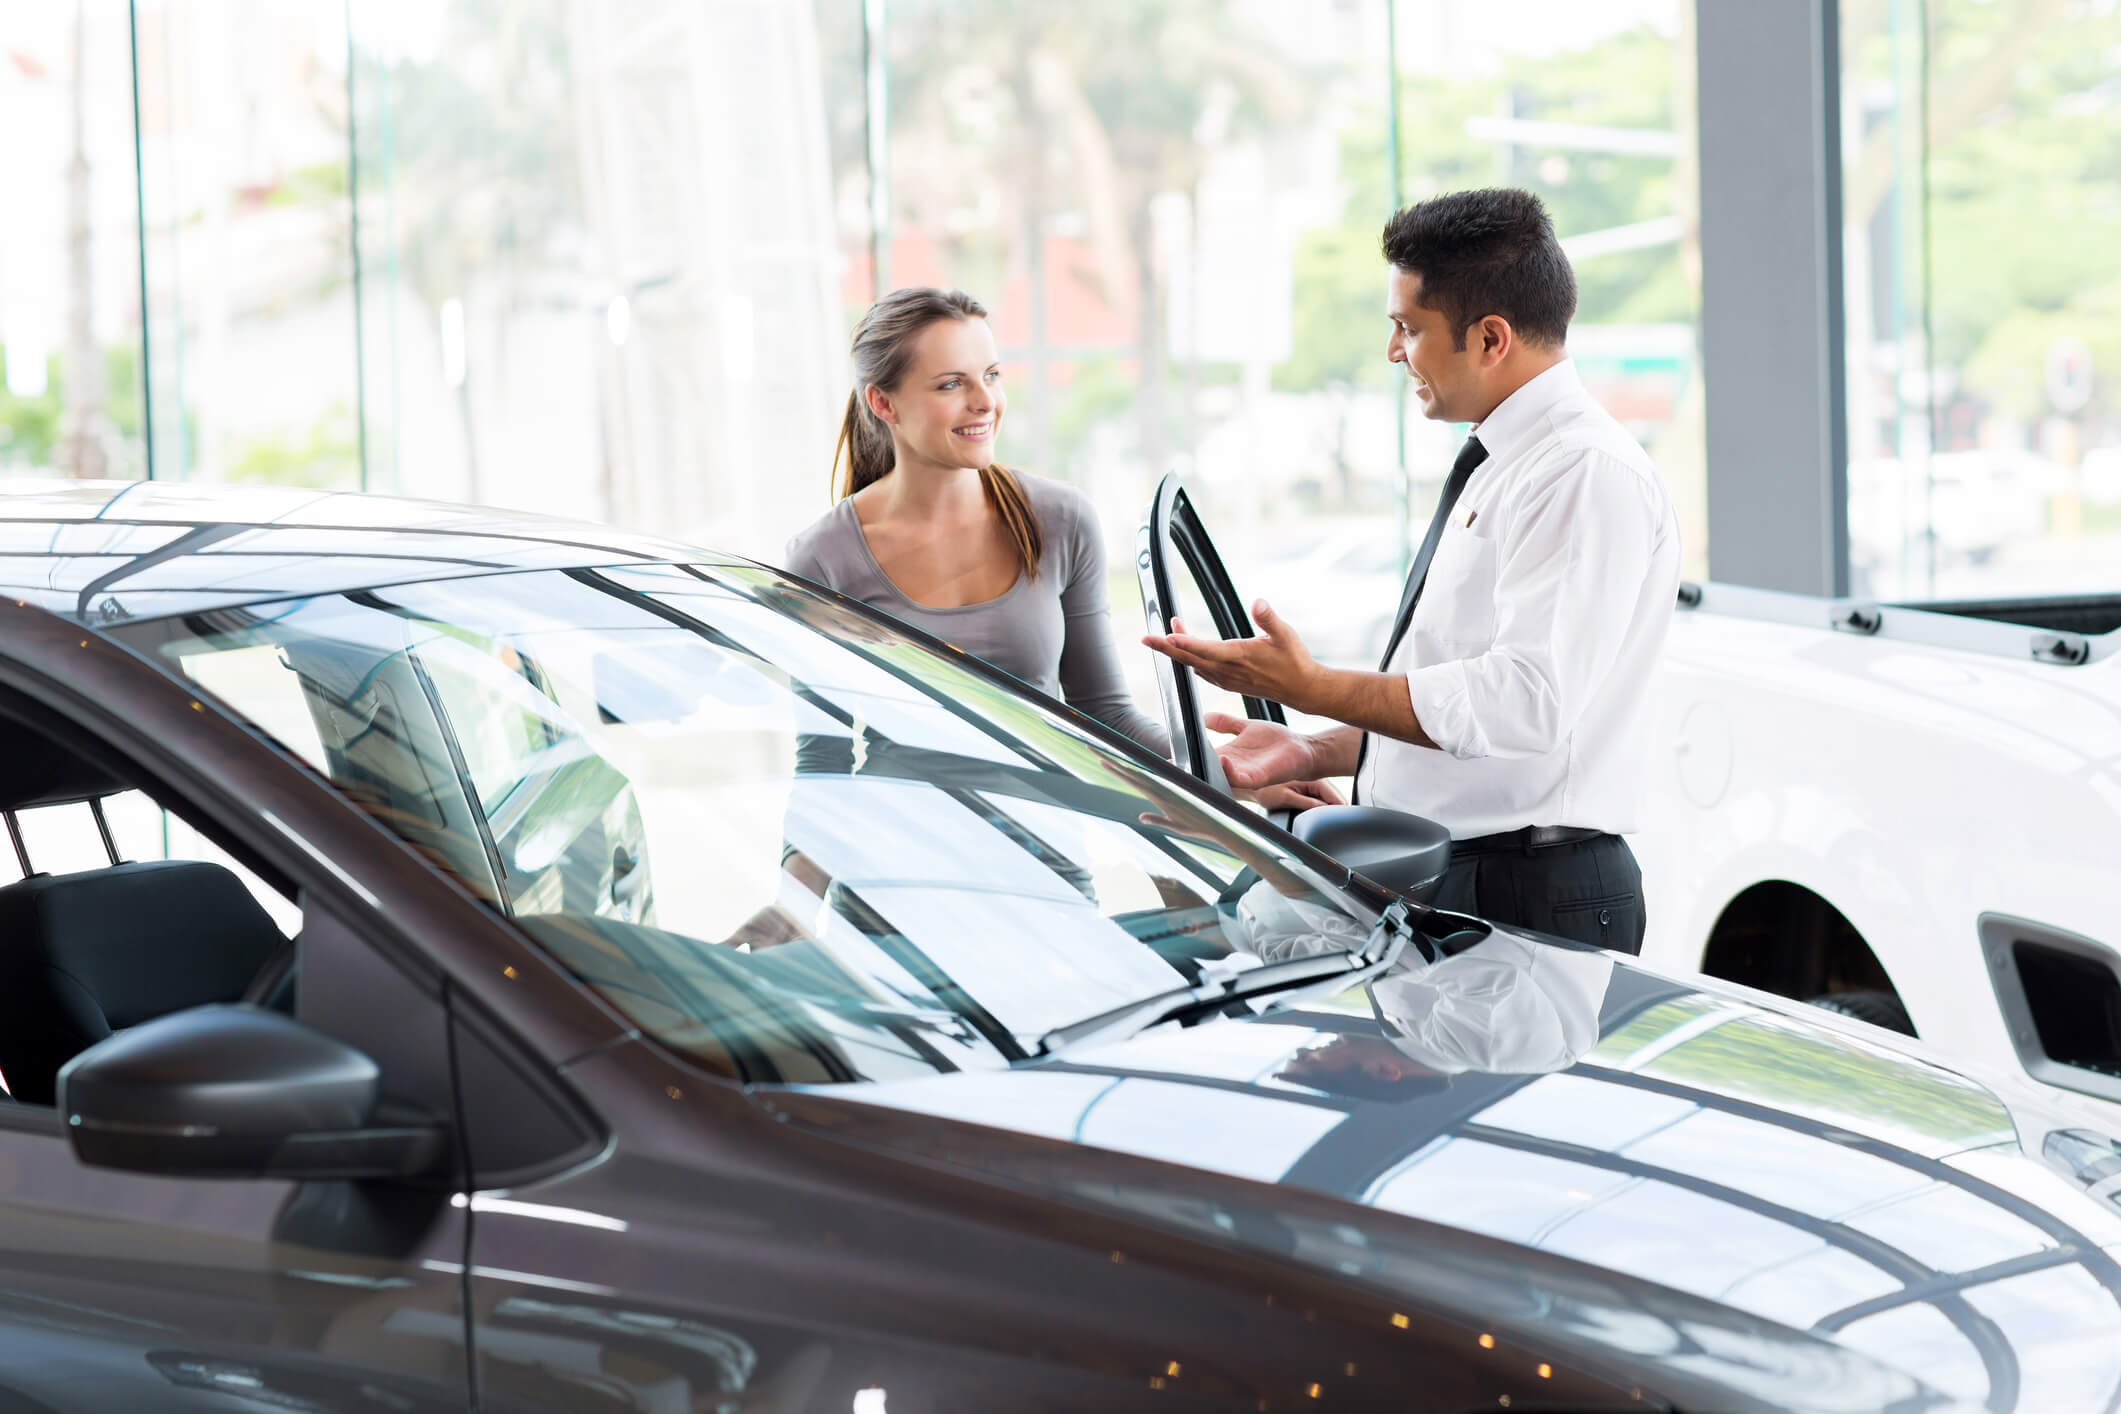 Como atrair clientes para sua loja de veículos? Confira essas 5 dicas